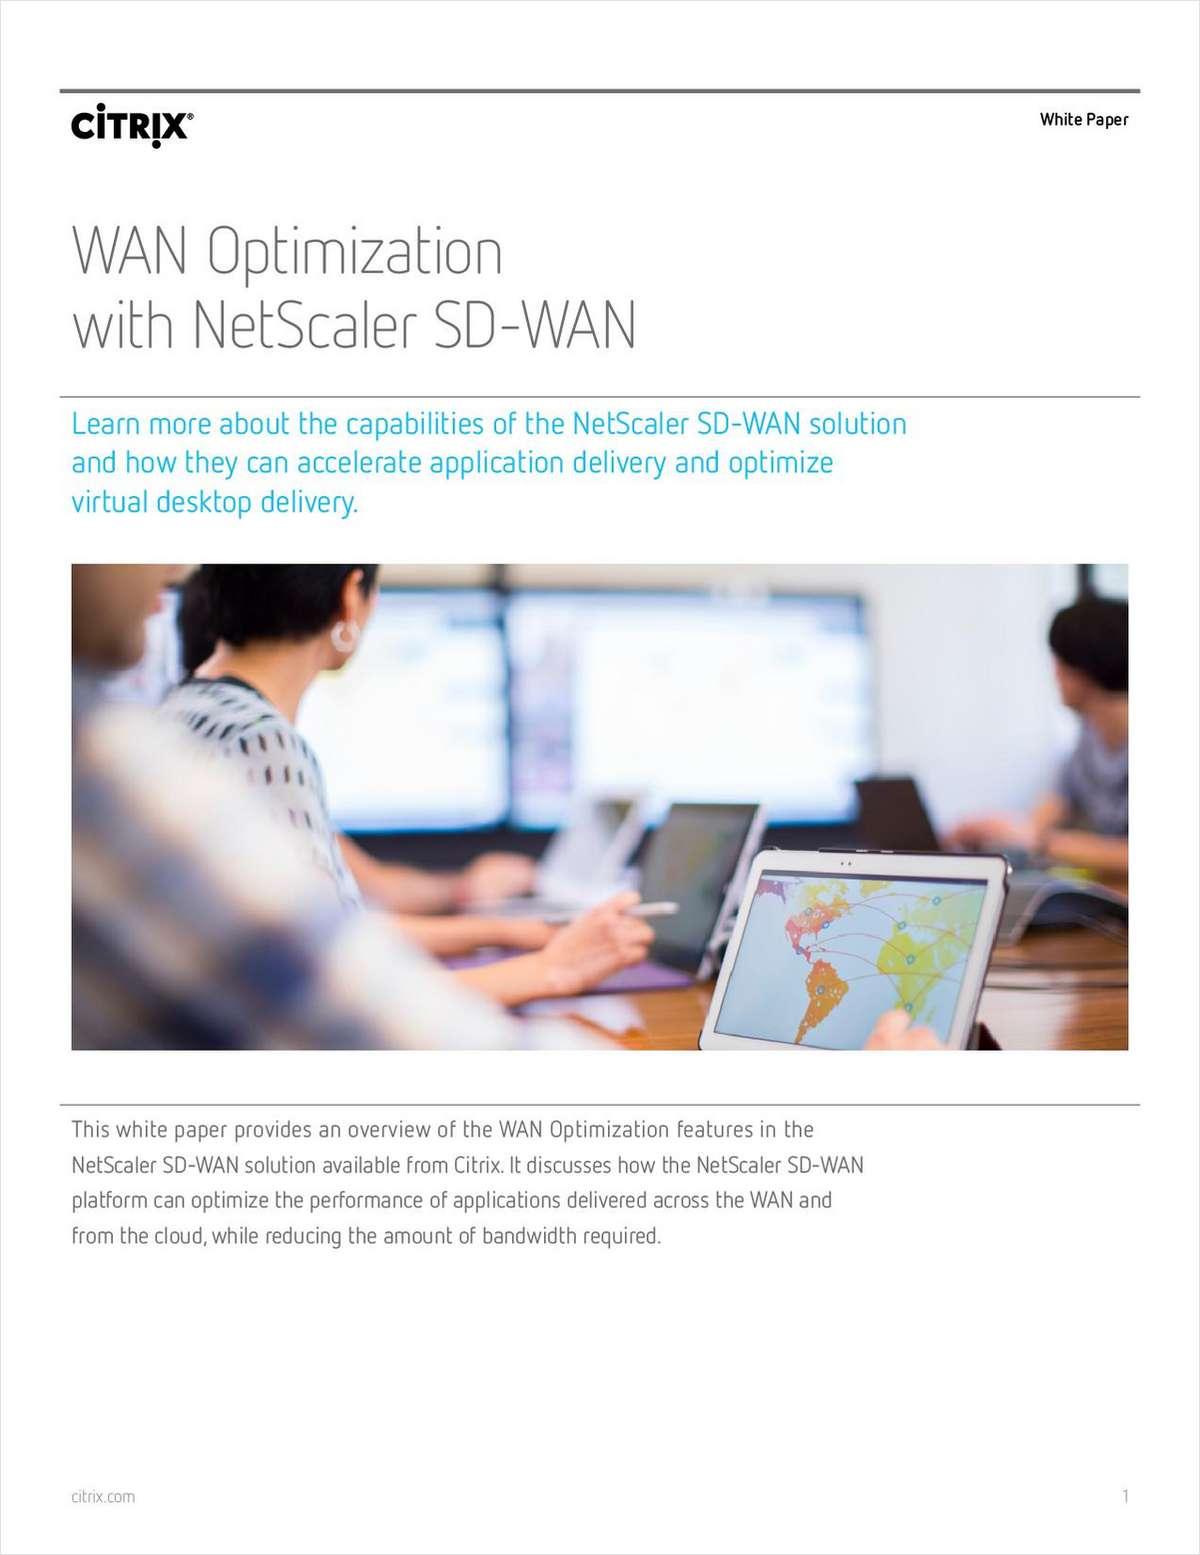 WAN Optimization with NetScaler SD-WAN